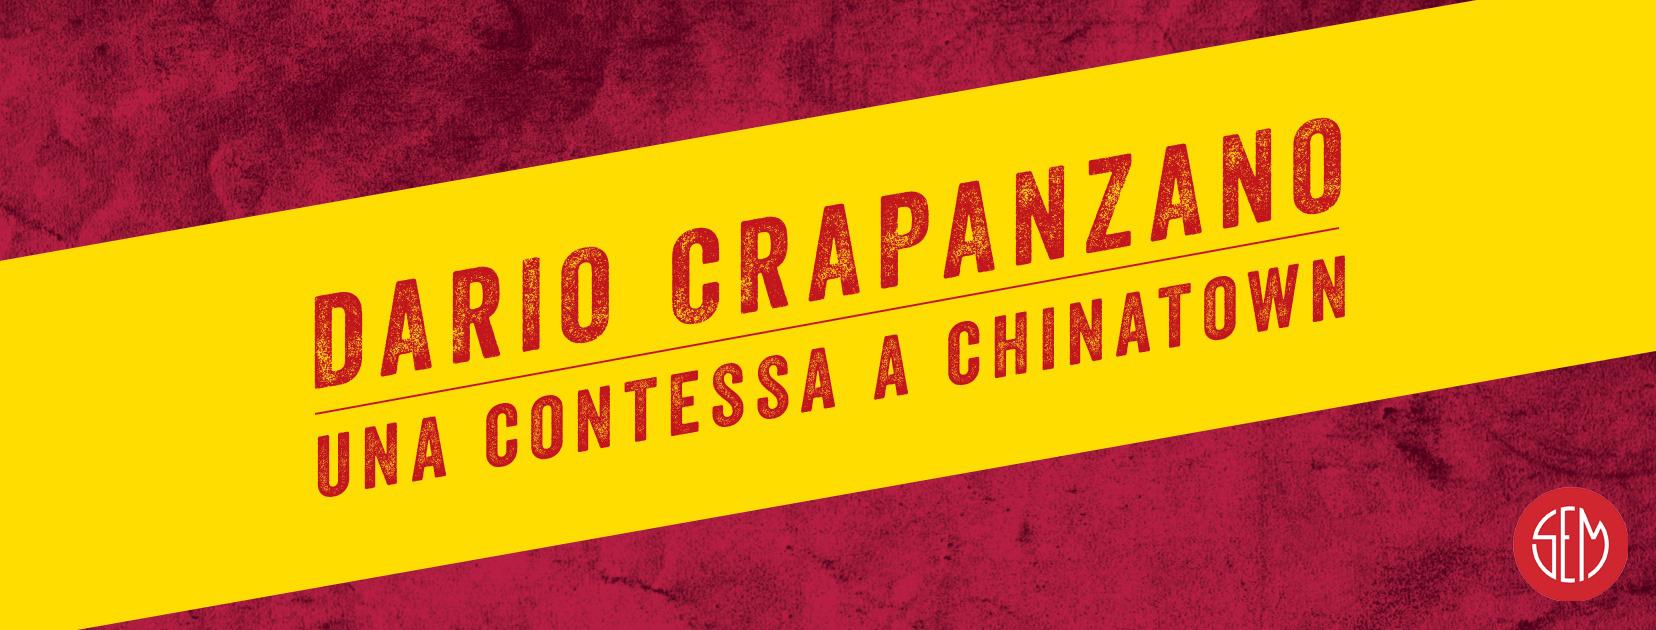 Dario Crapanzano – Una Contessa a Chinatown